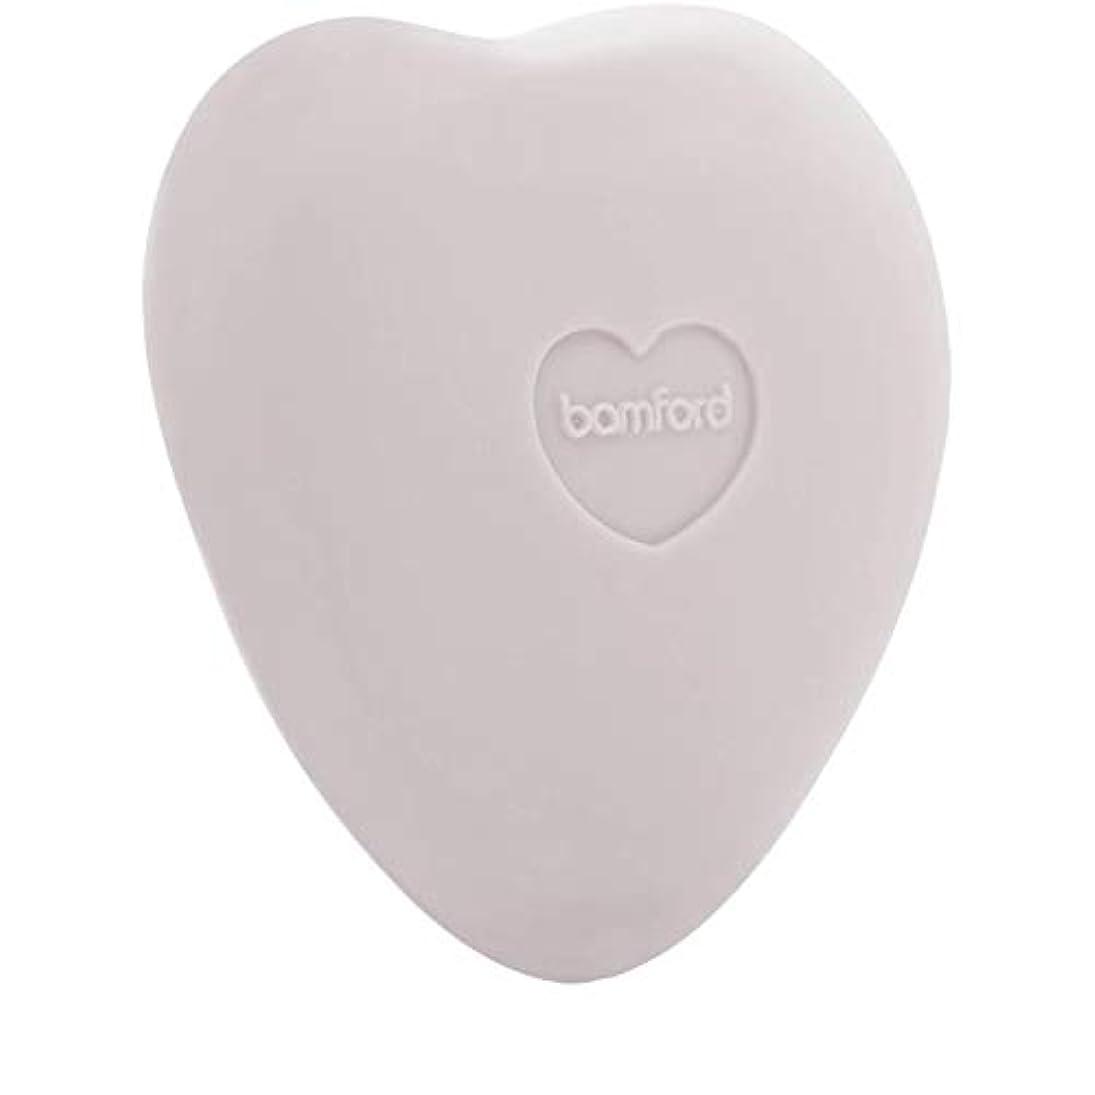 ありがたいデコレーションレイプ[Bamford ] バンフォードは小石石鹸250グラムのバラ - Bamford Rose Pebble Soap 250g [並行輸入品]